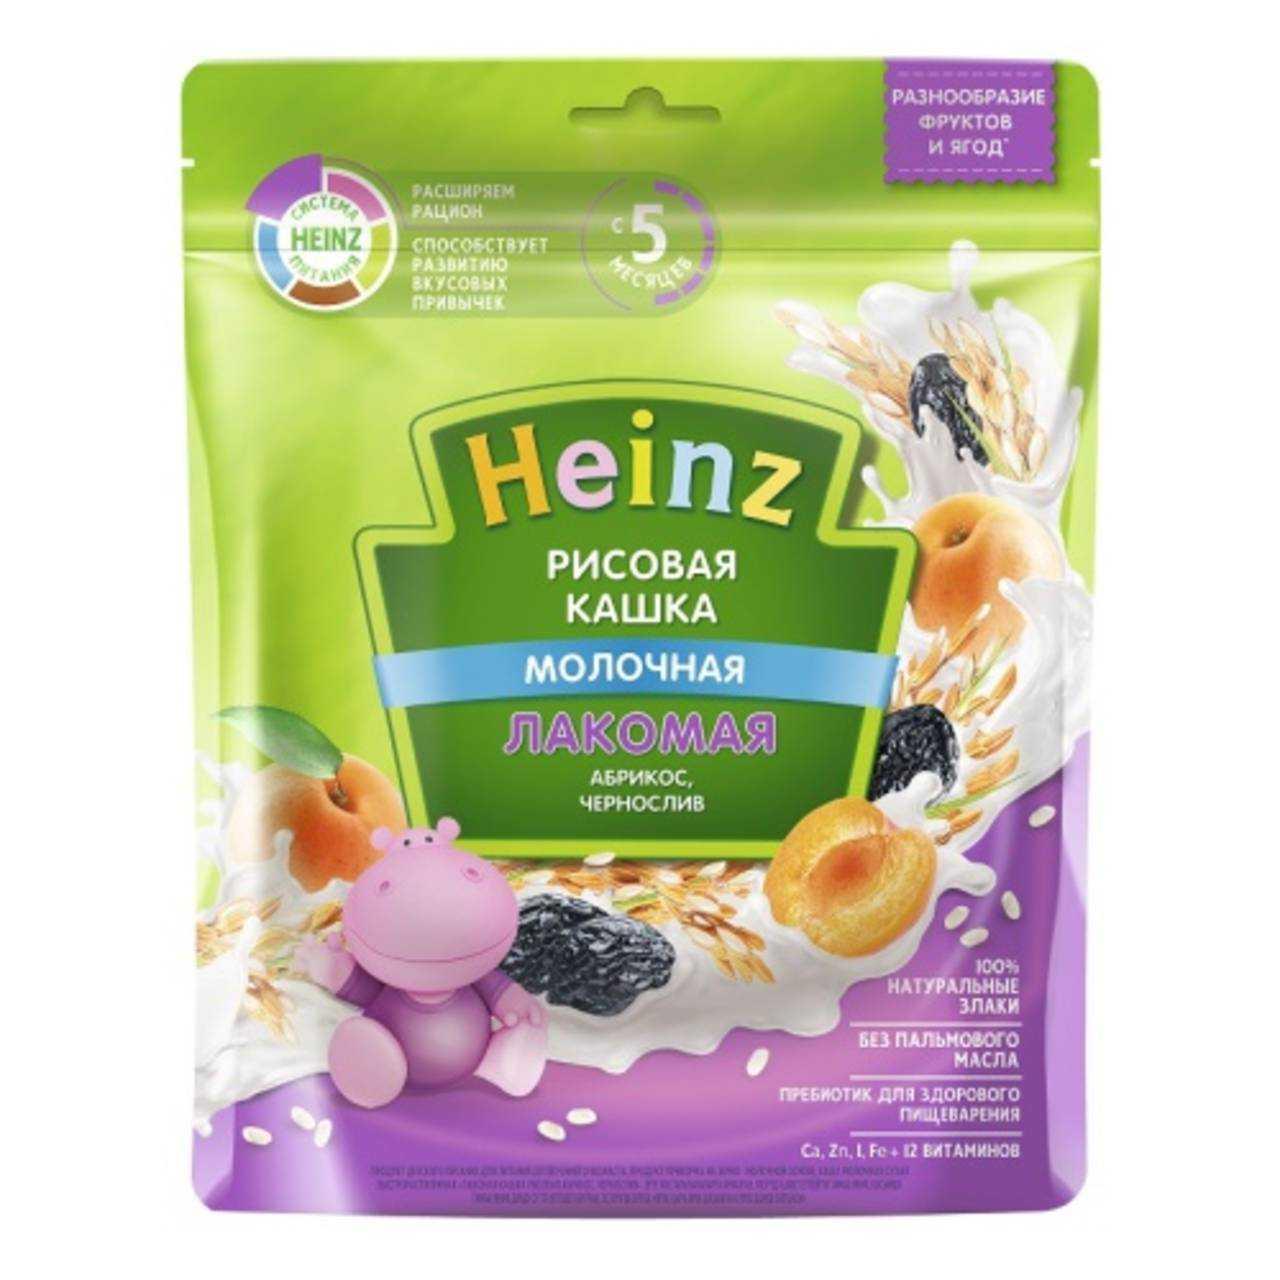 سرلاک برنج، زردآلو، آلو با شیر هاینز Heinz